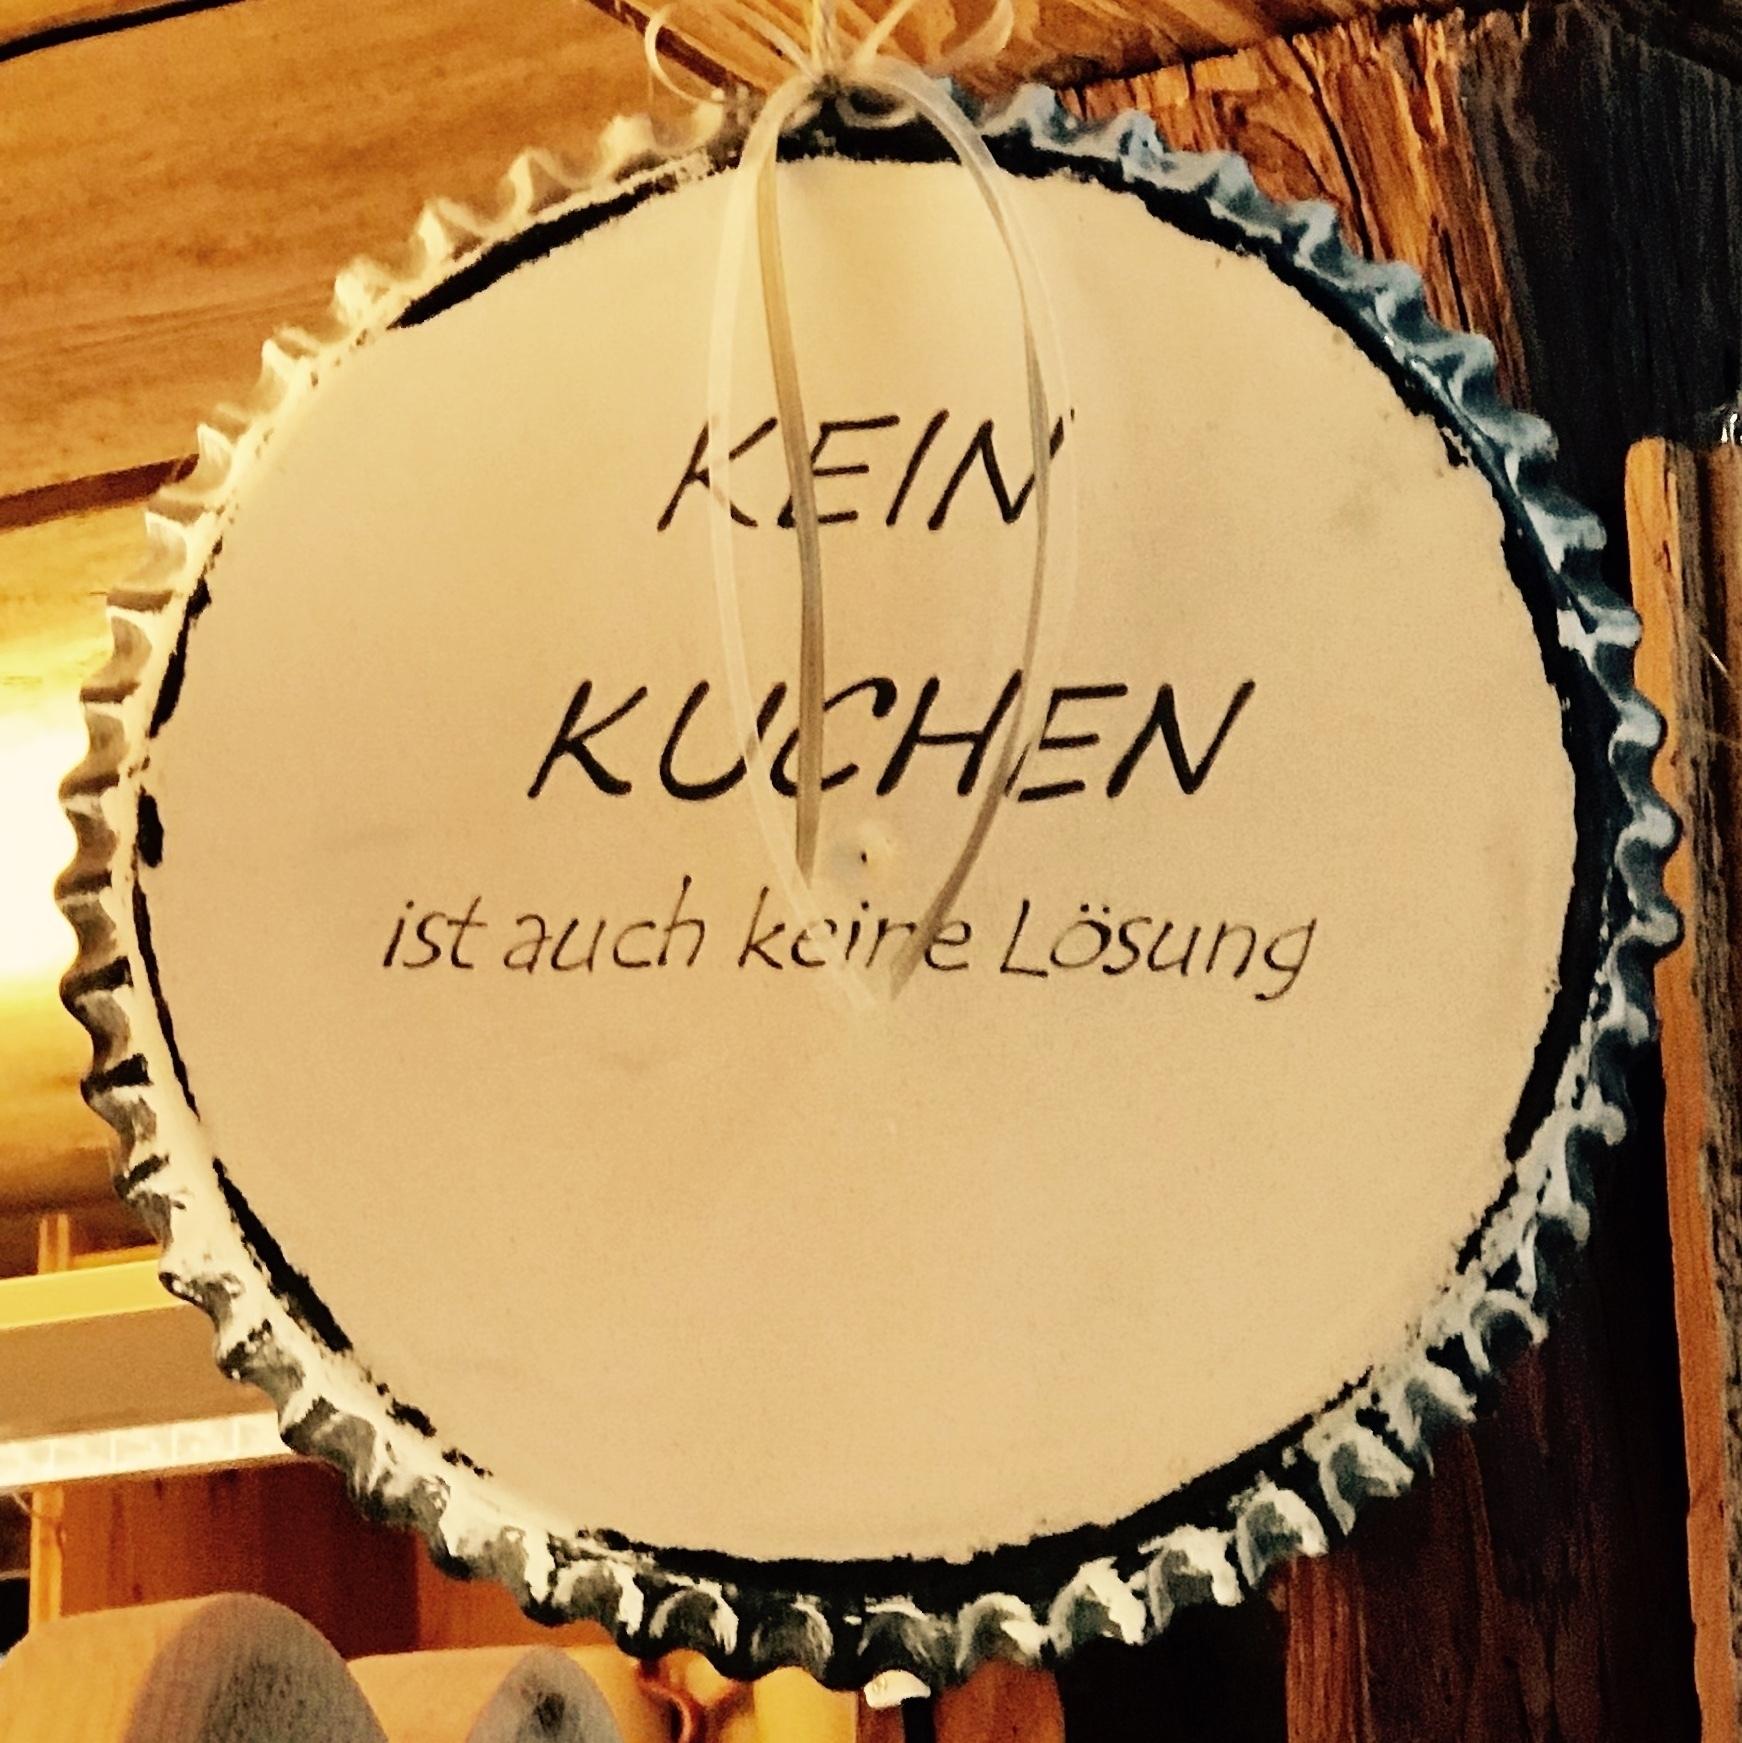 """Kuchenform zum Aufhängen als Dekoration mit der Aufschrift """"Kein Kuchen ist auch keine Lösung"""" in Anspielung auf das Lied """"Kein Alkohol ist auch keine Lösung"""" der Band """"Die Toten Hosen""""."""